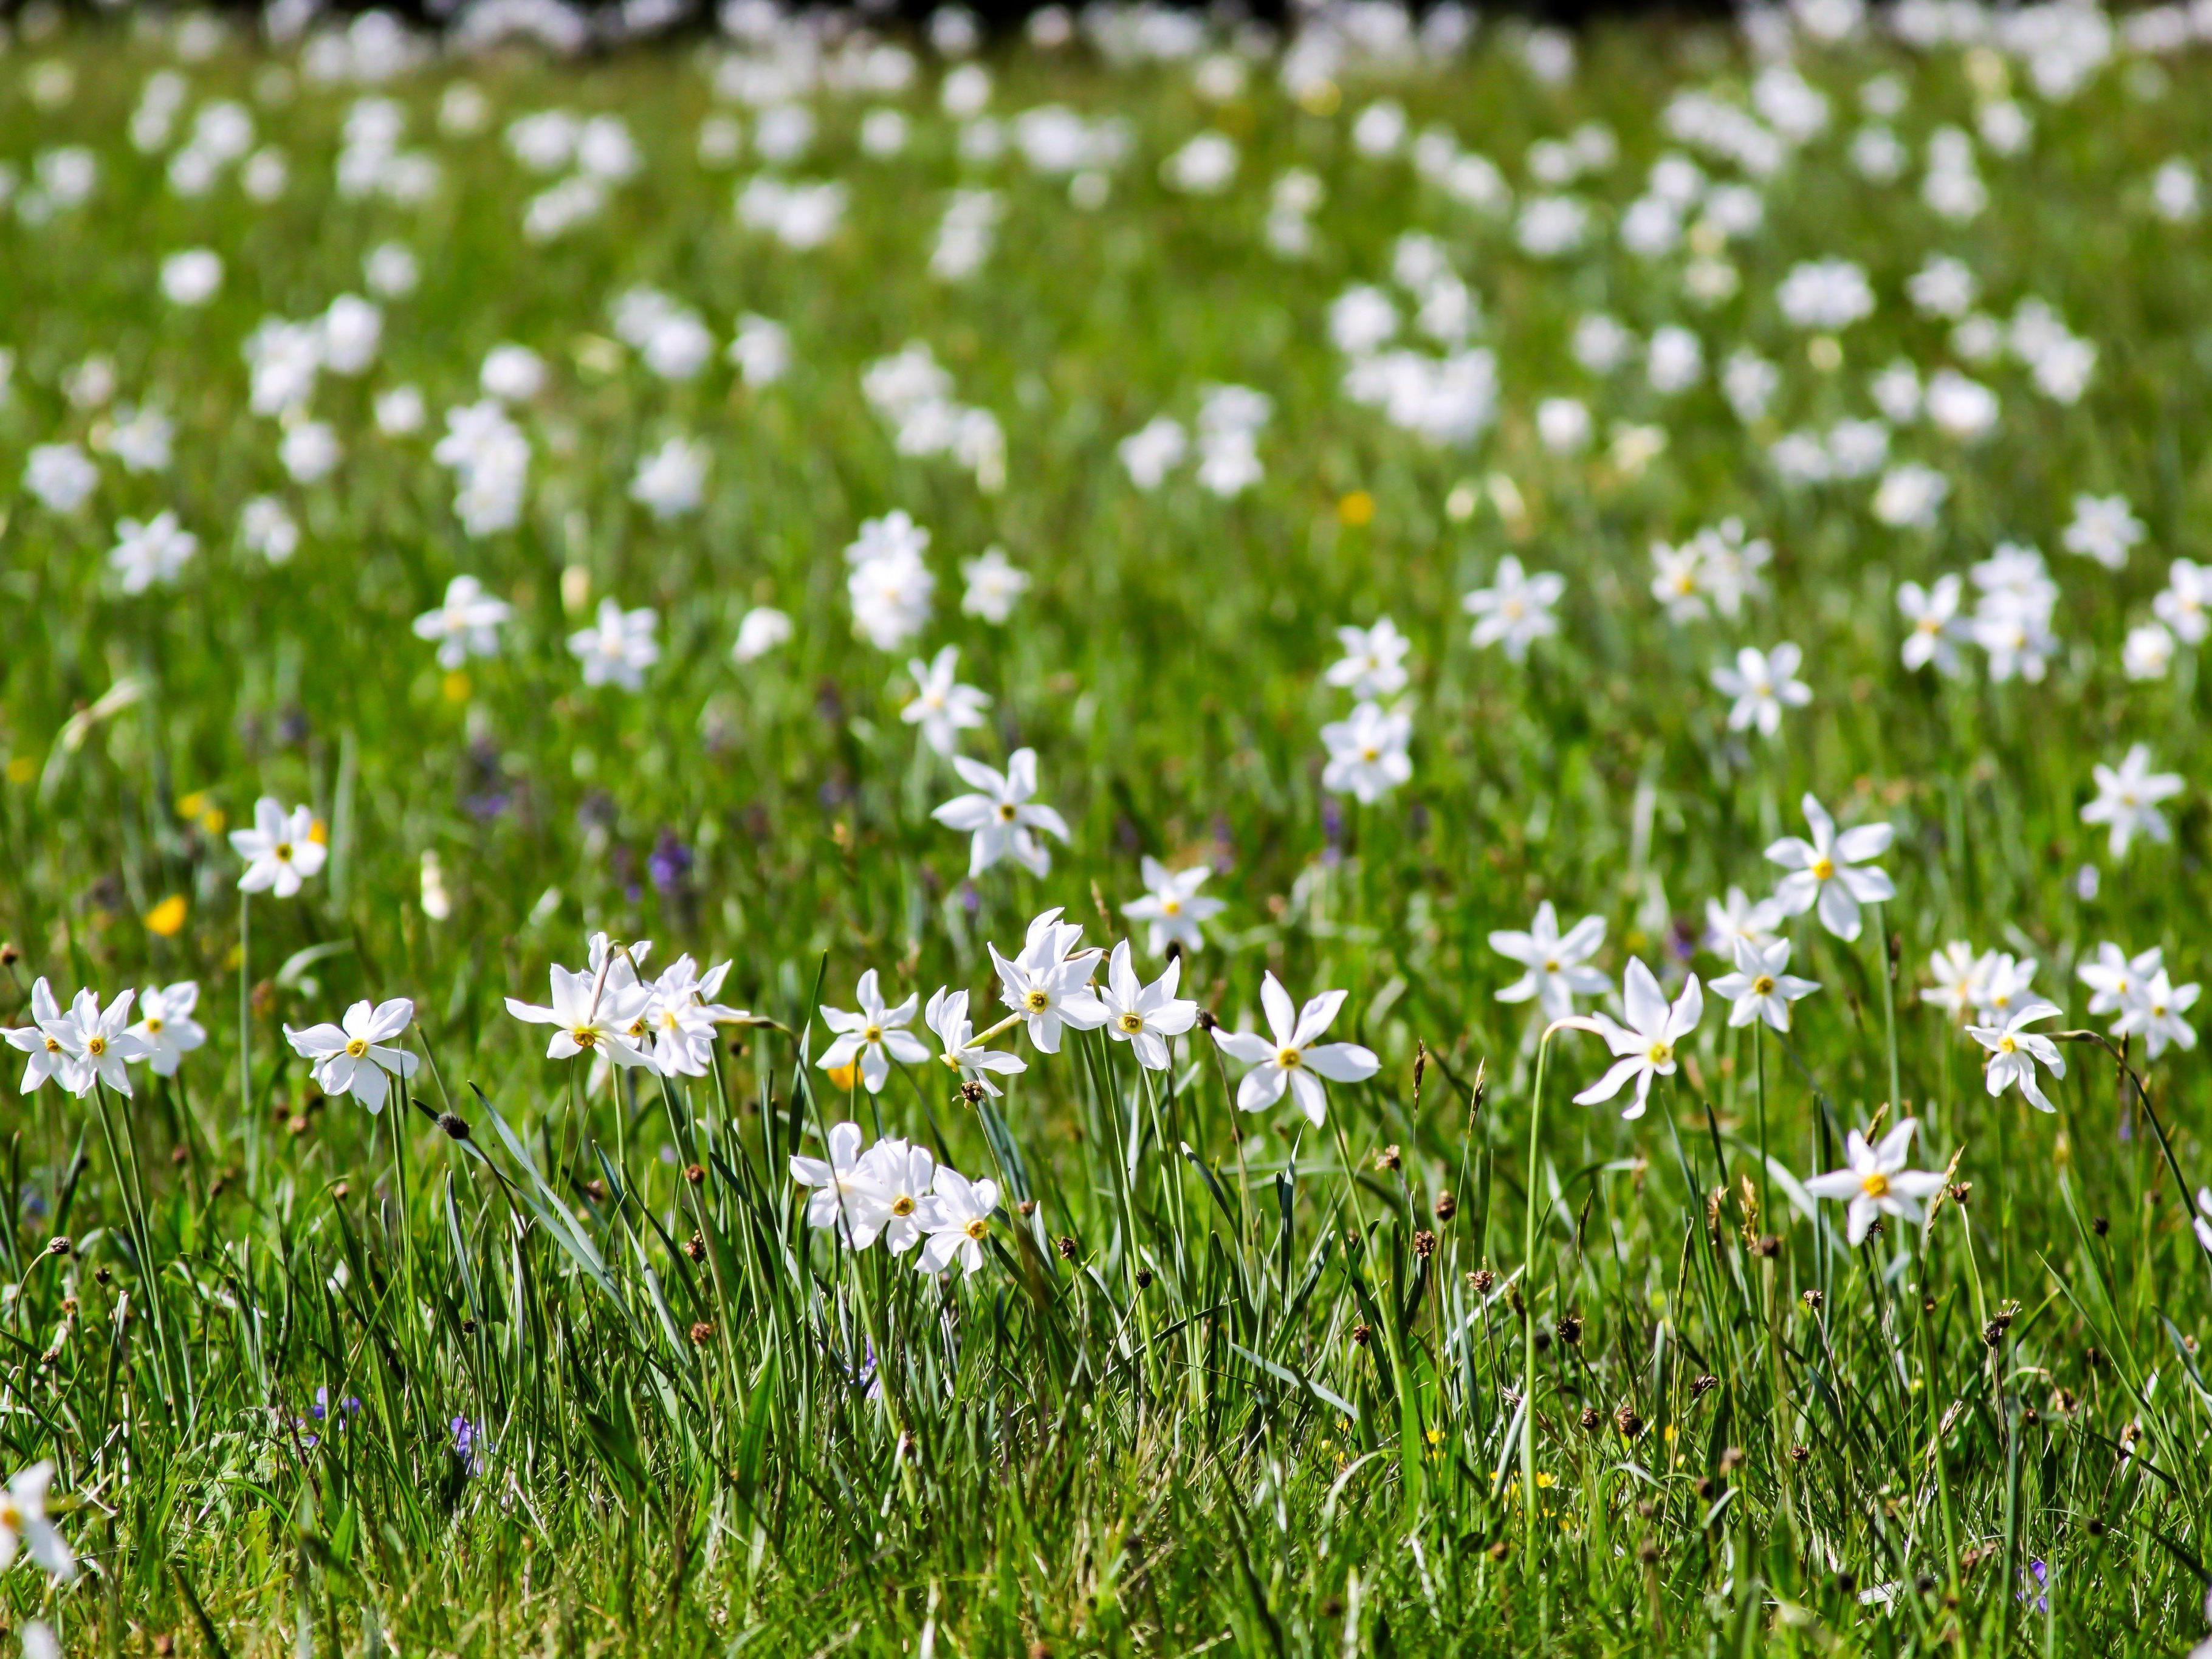 Millionen von Narzissen blühen im Frühjahr in Seewis in der Schweiz.